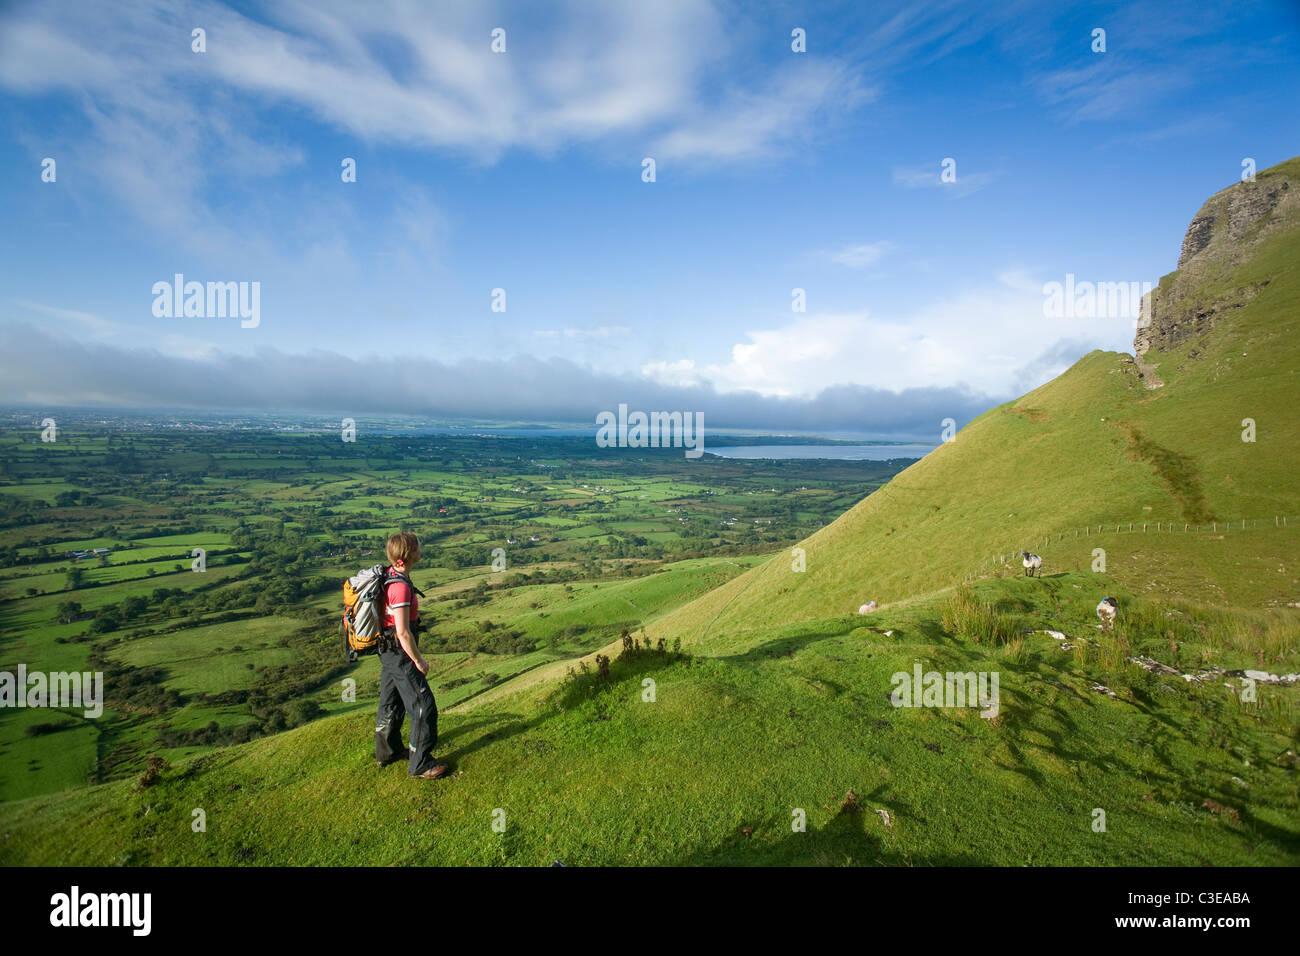 Walker ascending Benbulbin via the Kings Gully track, County Sligo, Ireland. - Stock Image